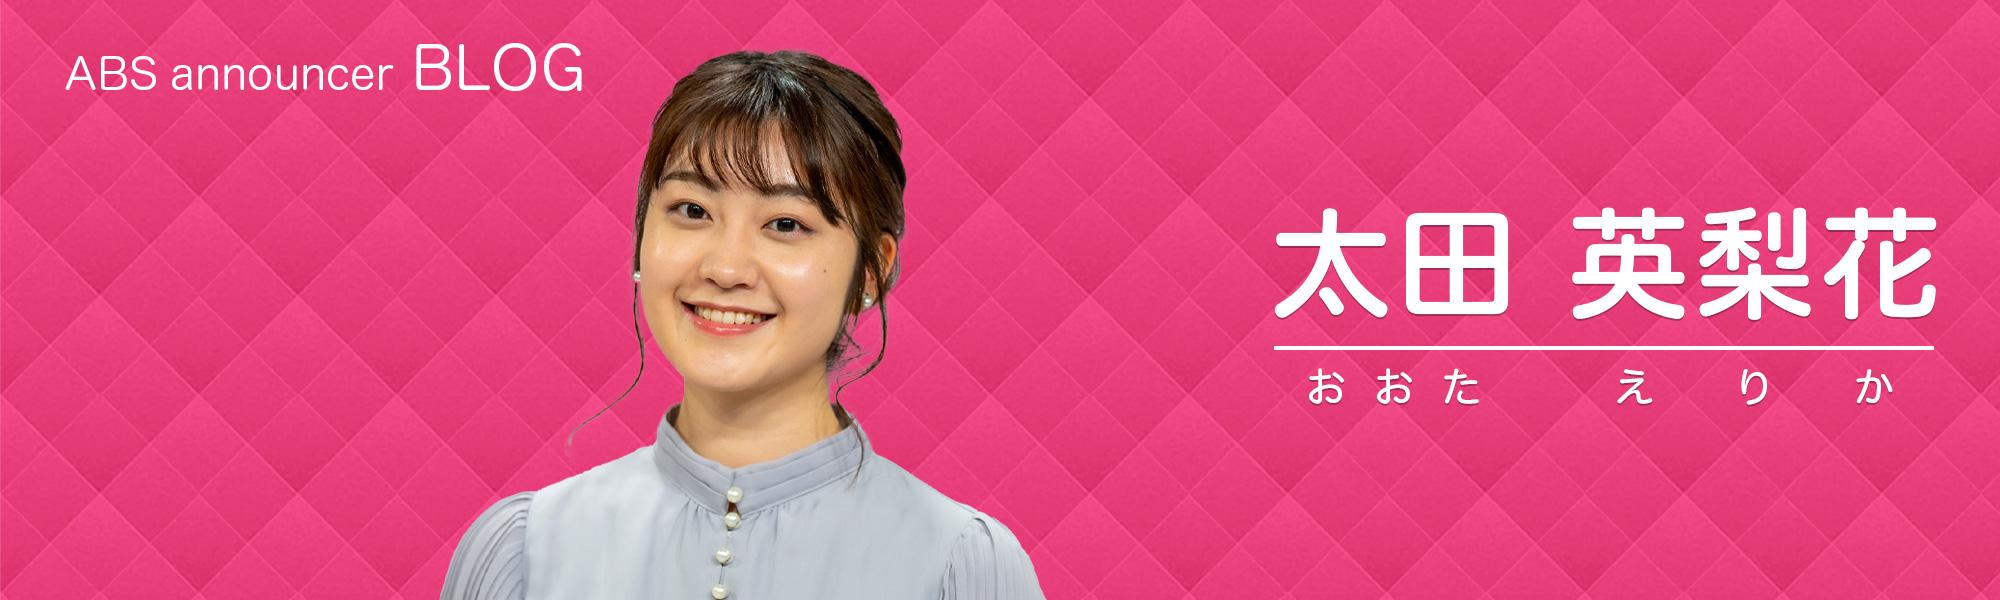 太田英梨花のブログ